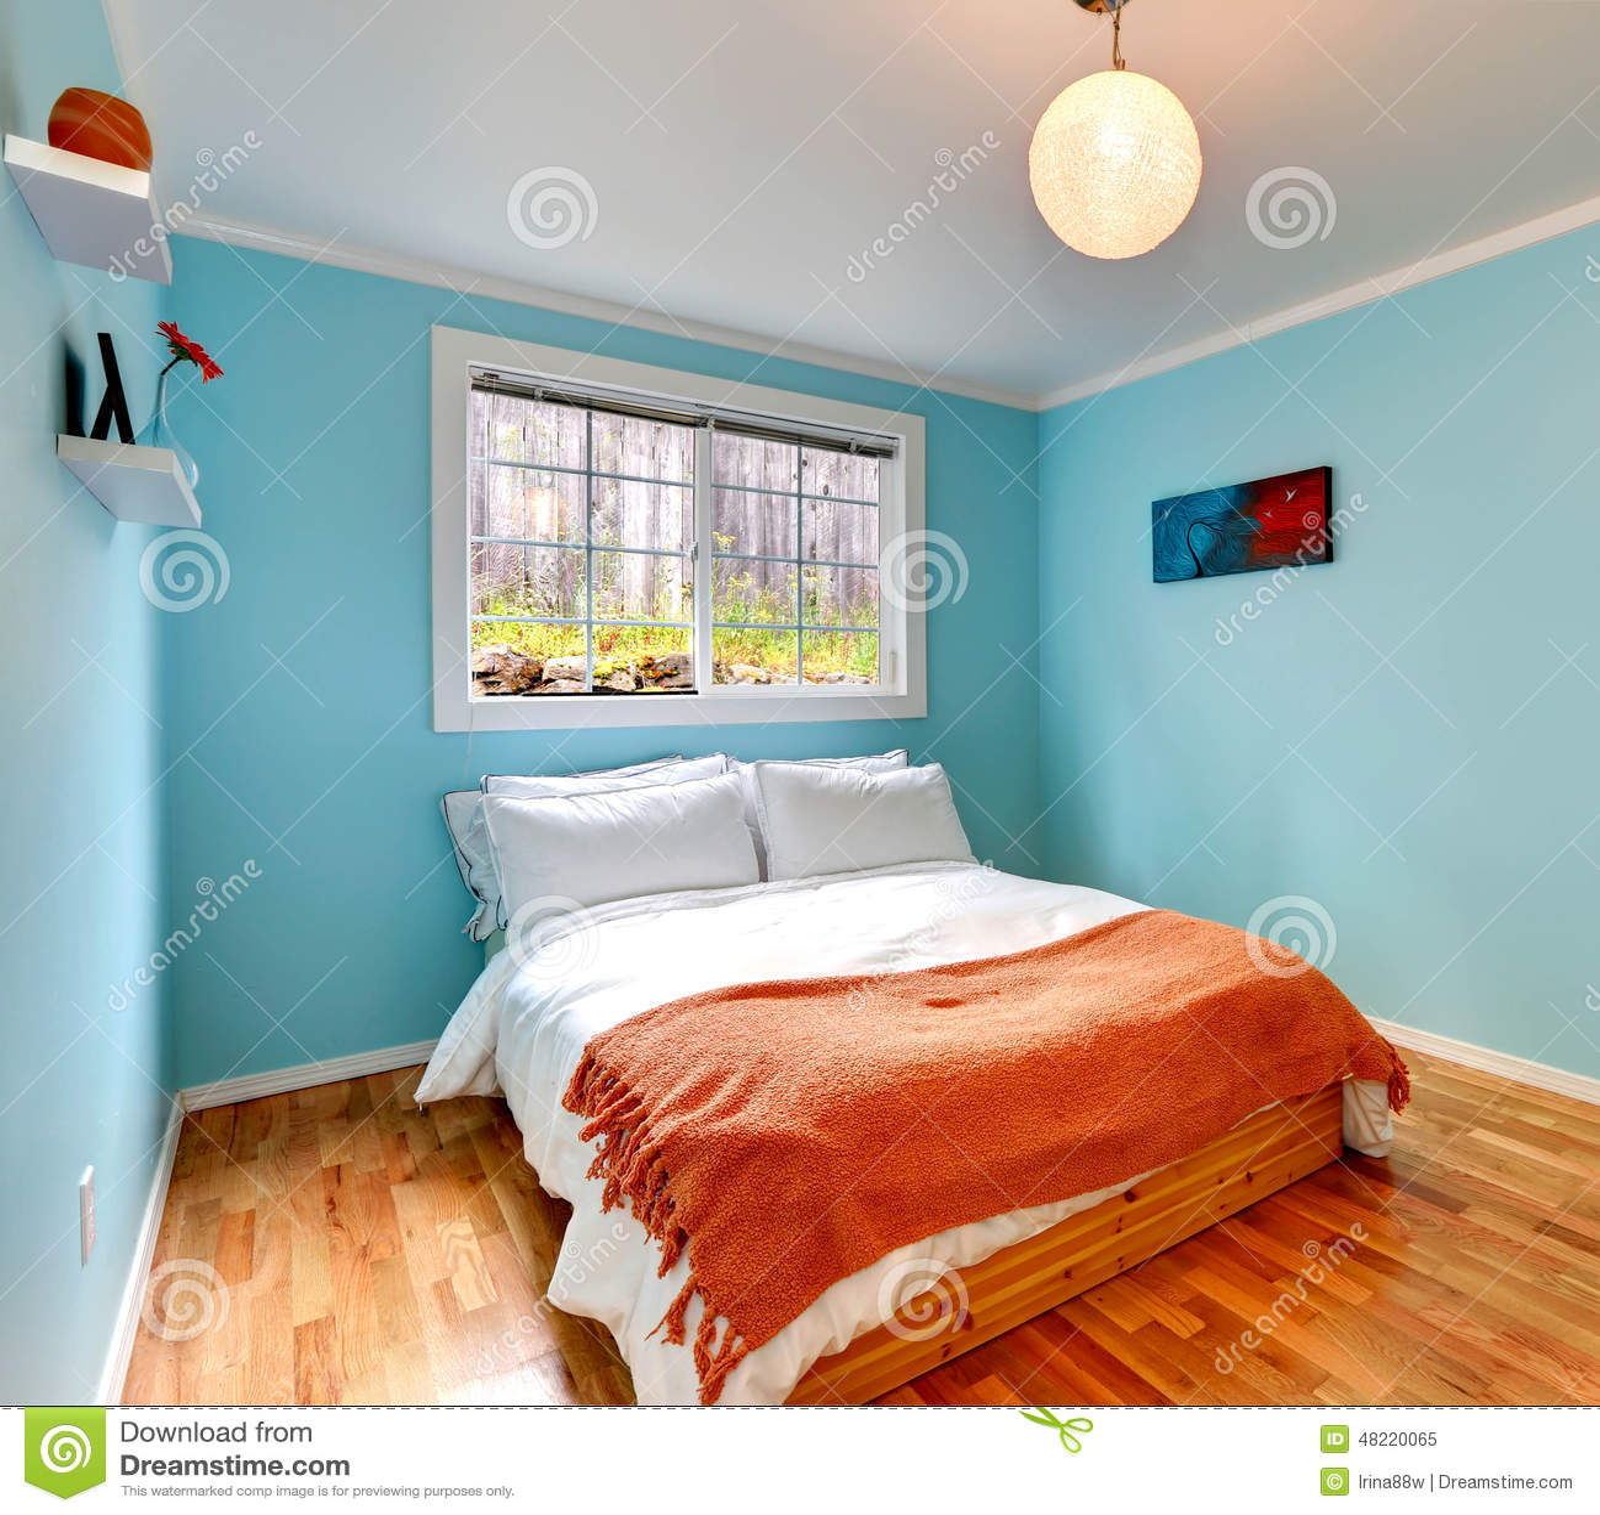 Gemütliches Schlafzimmer In Der Hellblauen Farbe Stockbild - Bild ...